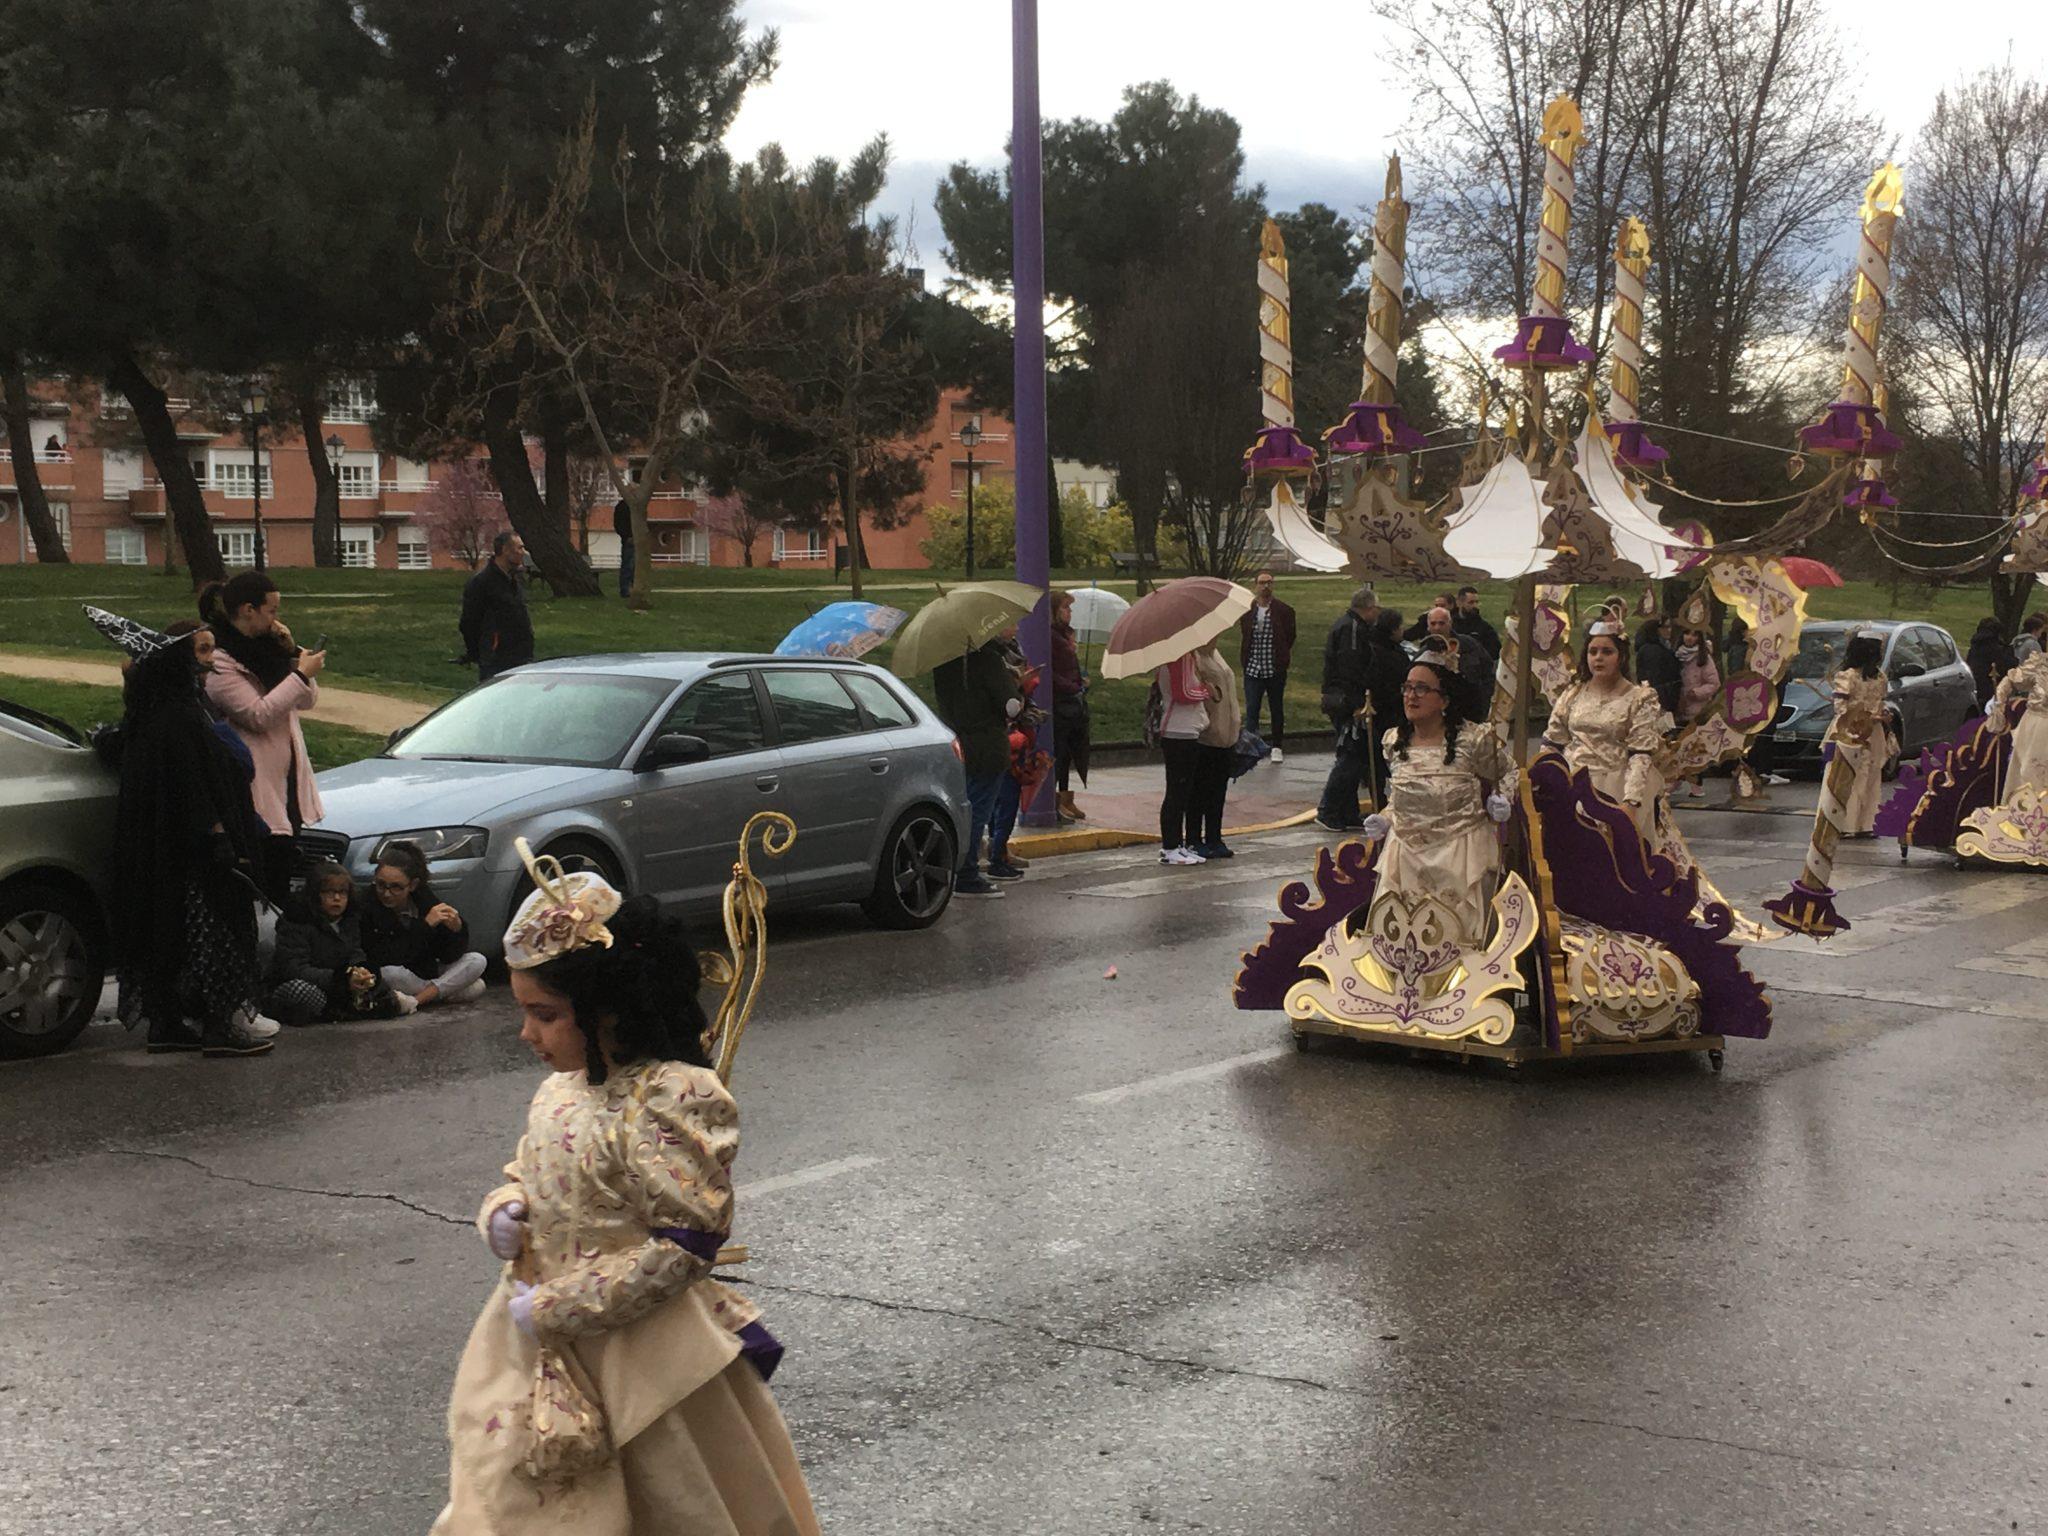 Álbum de fotos del martes de Carnaval 2019 en Ponferrada 63